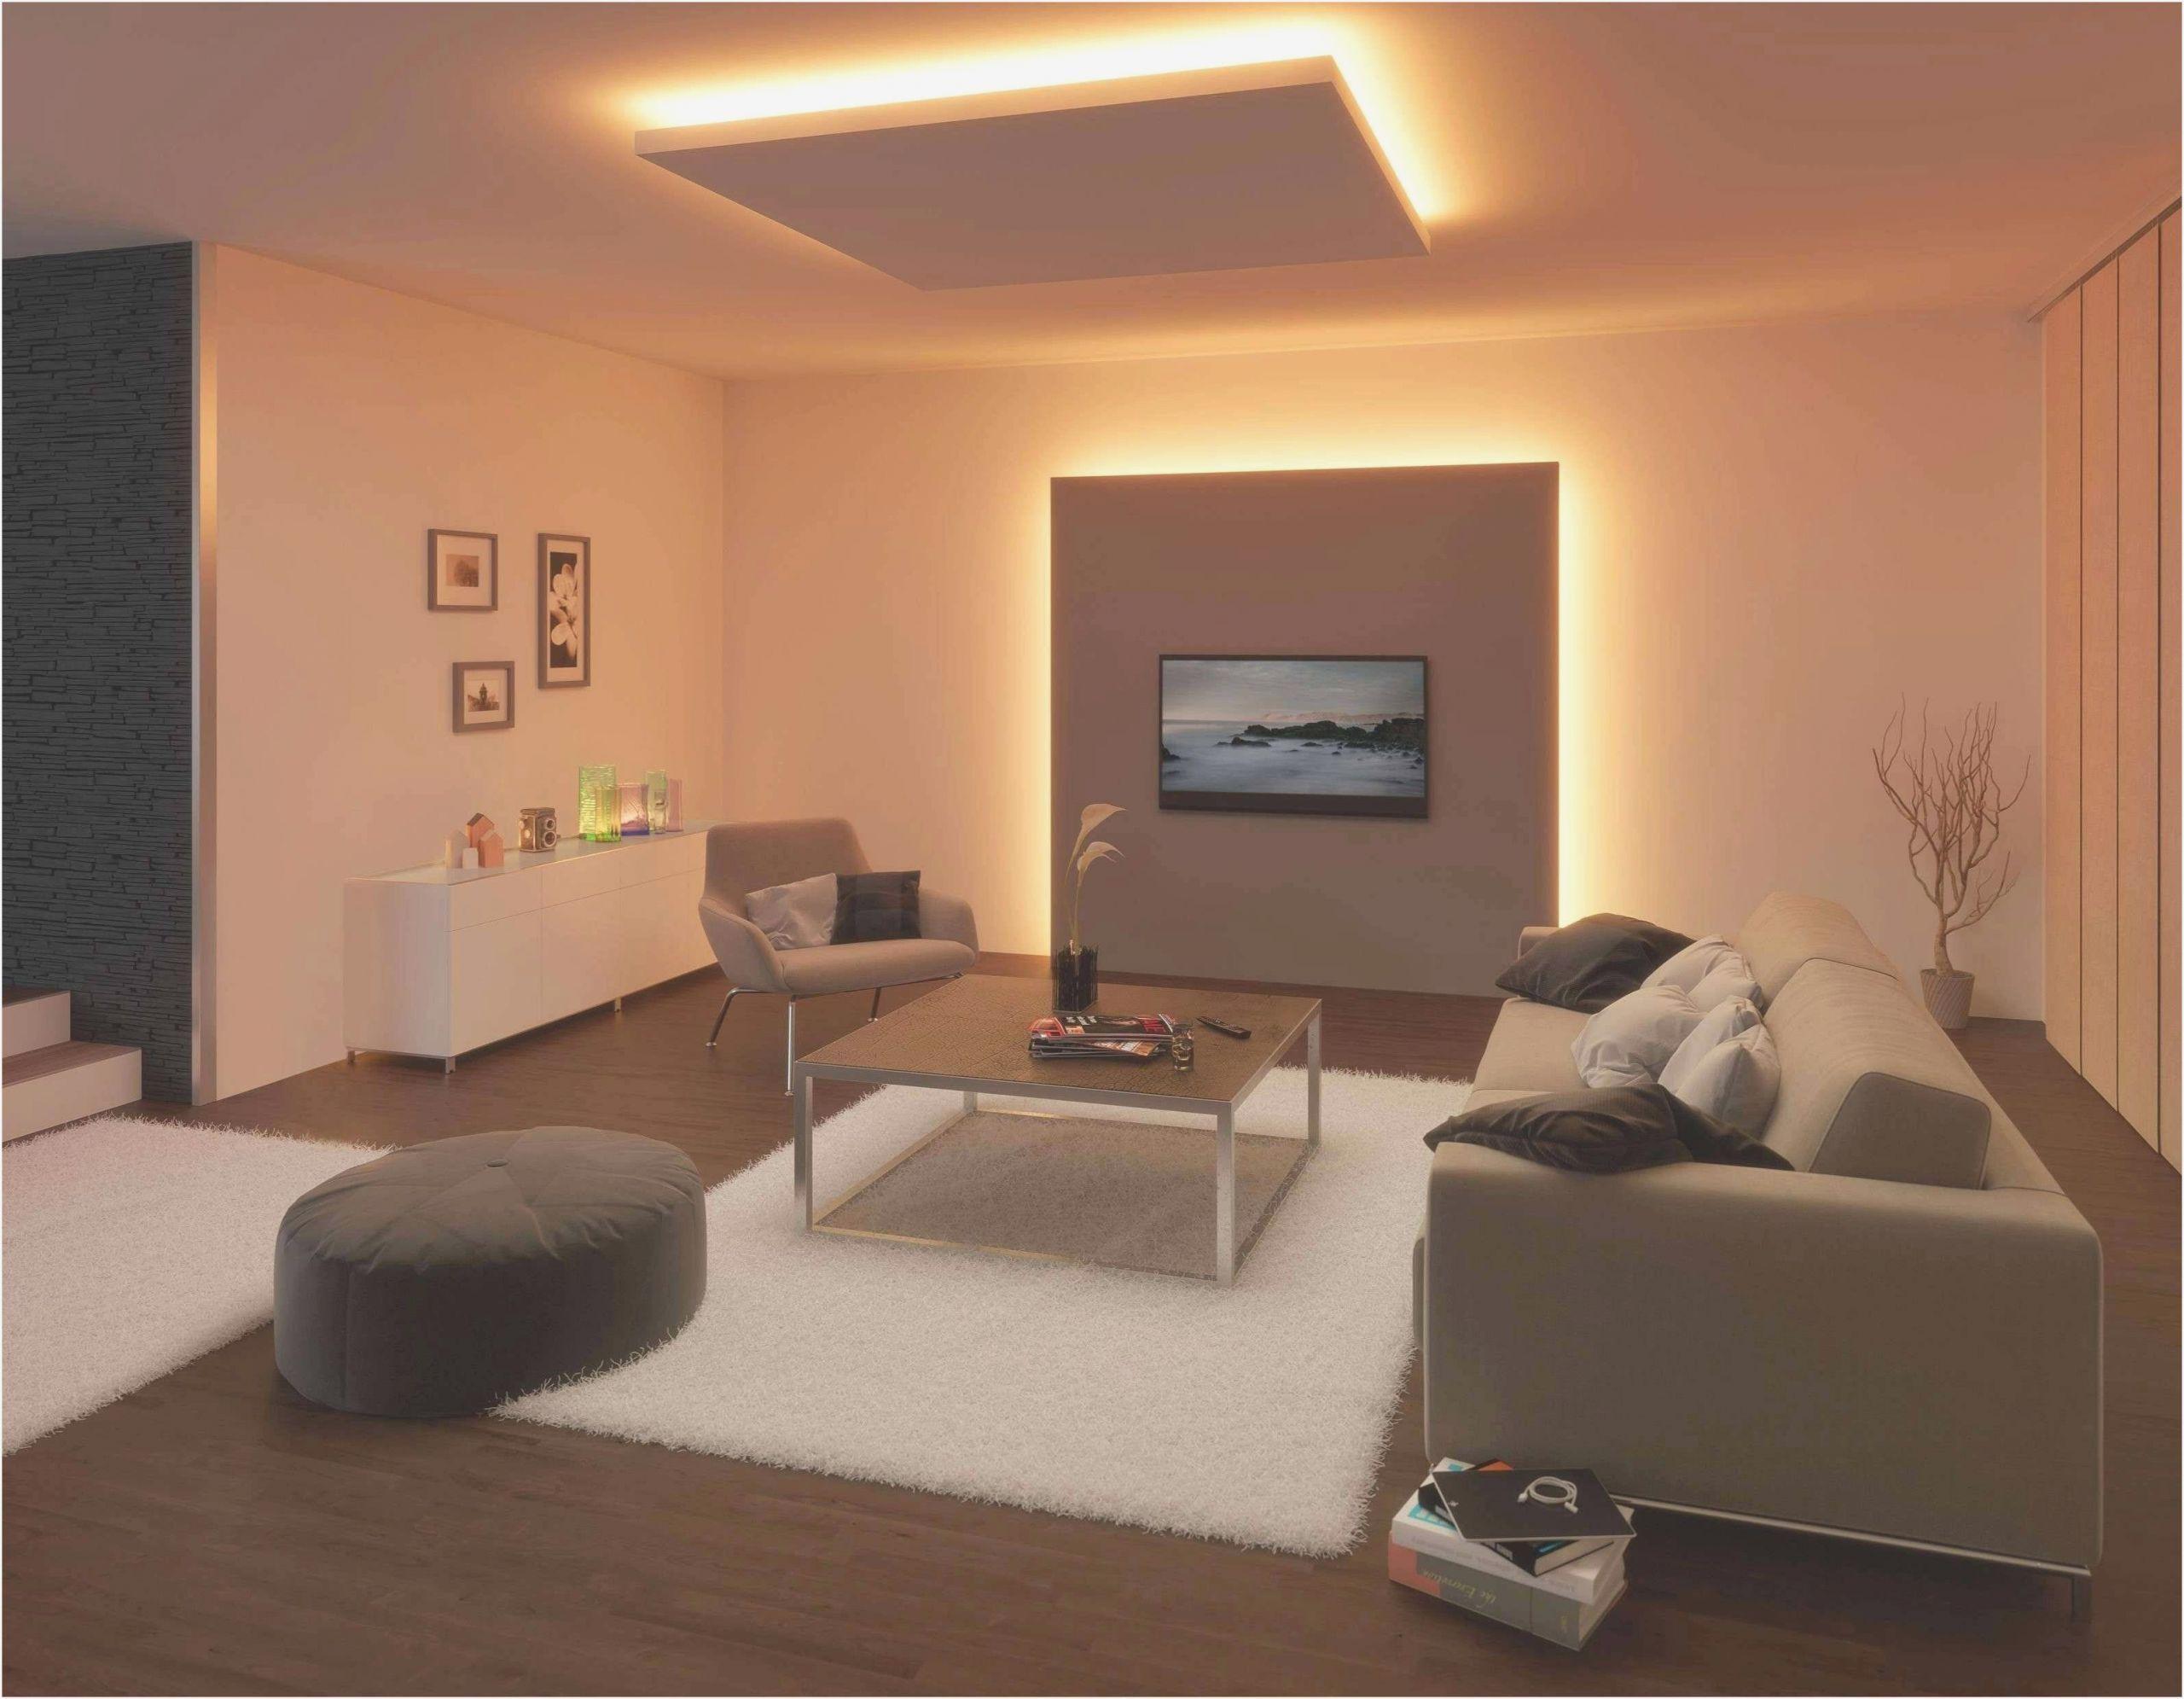 Wohnzimmer Ikea Deko Ideen